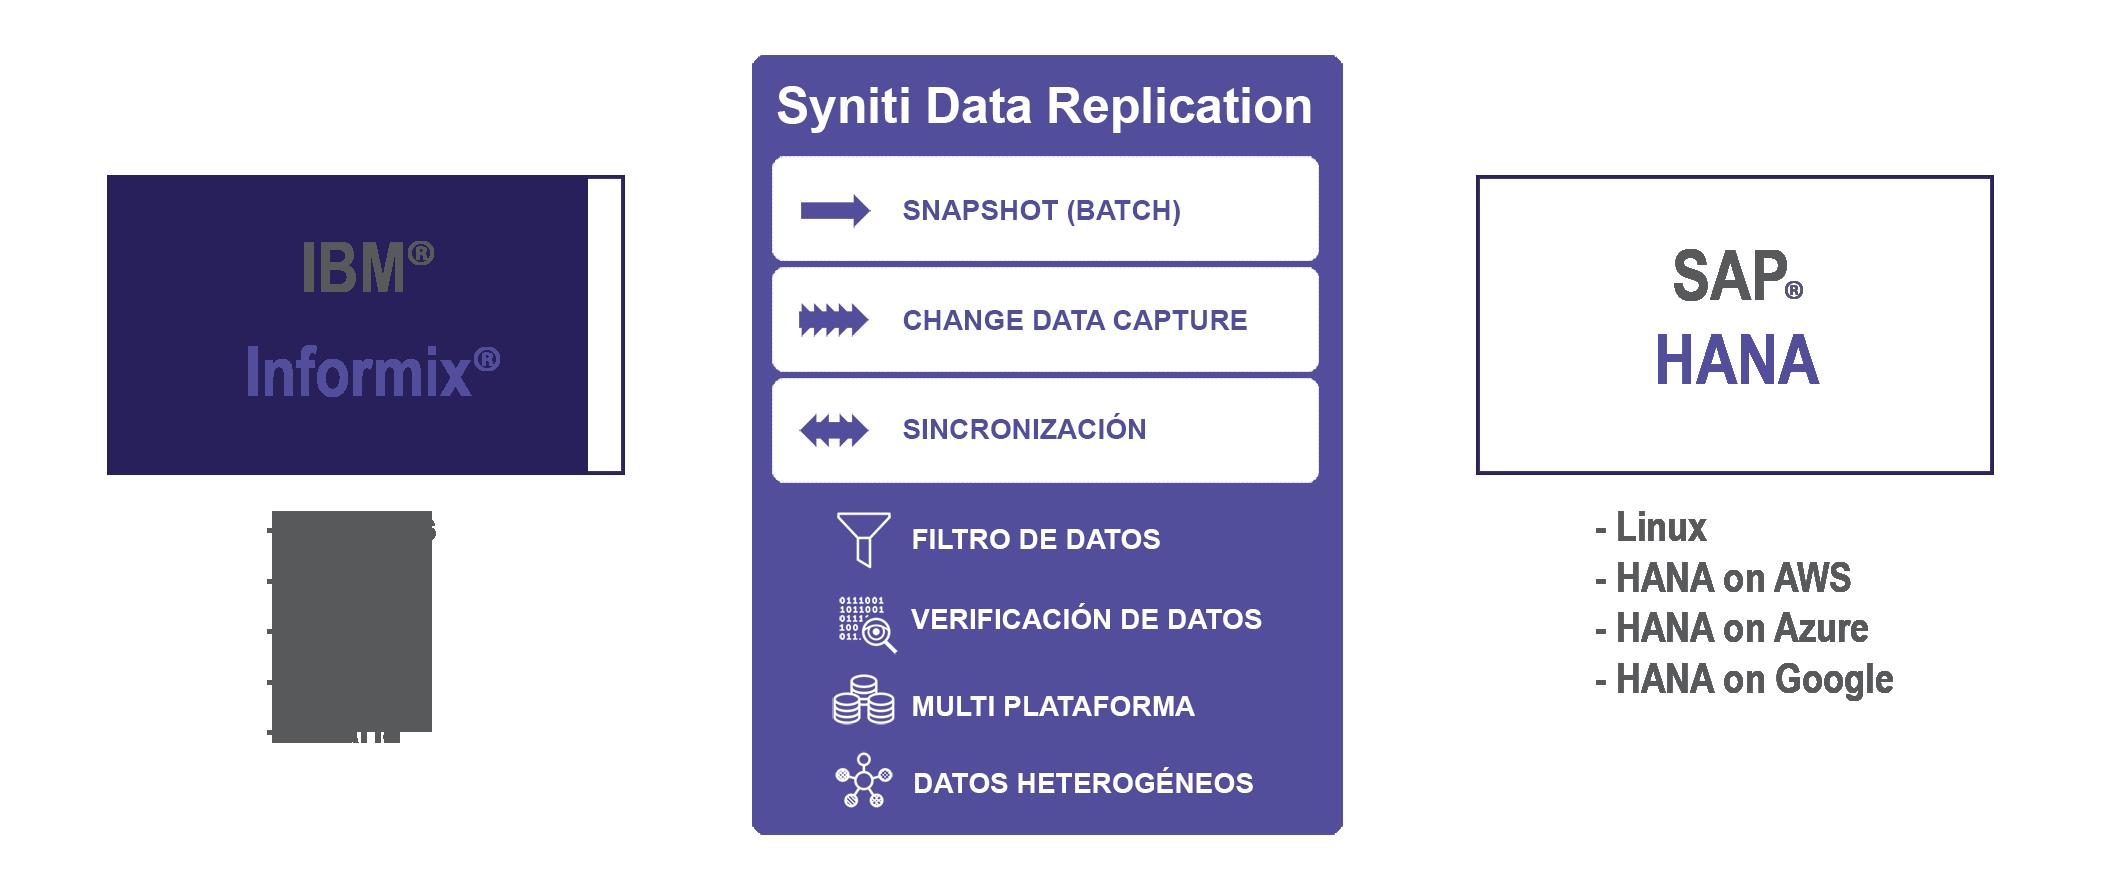 Replicación de datos IBM Informix a SAP HANA